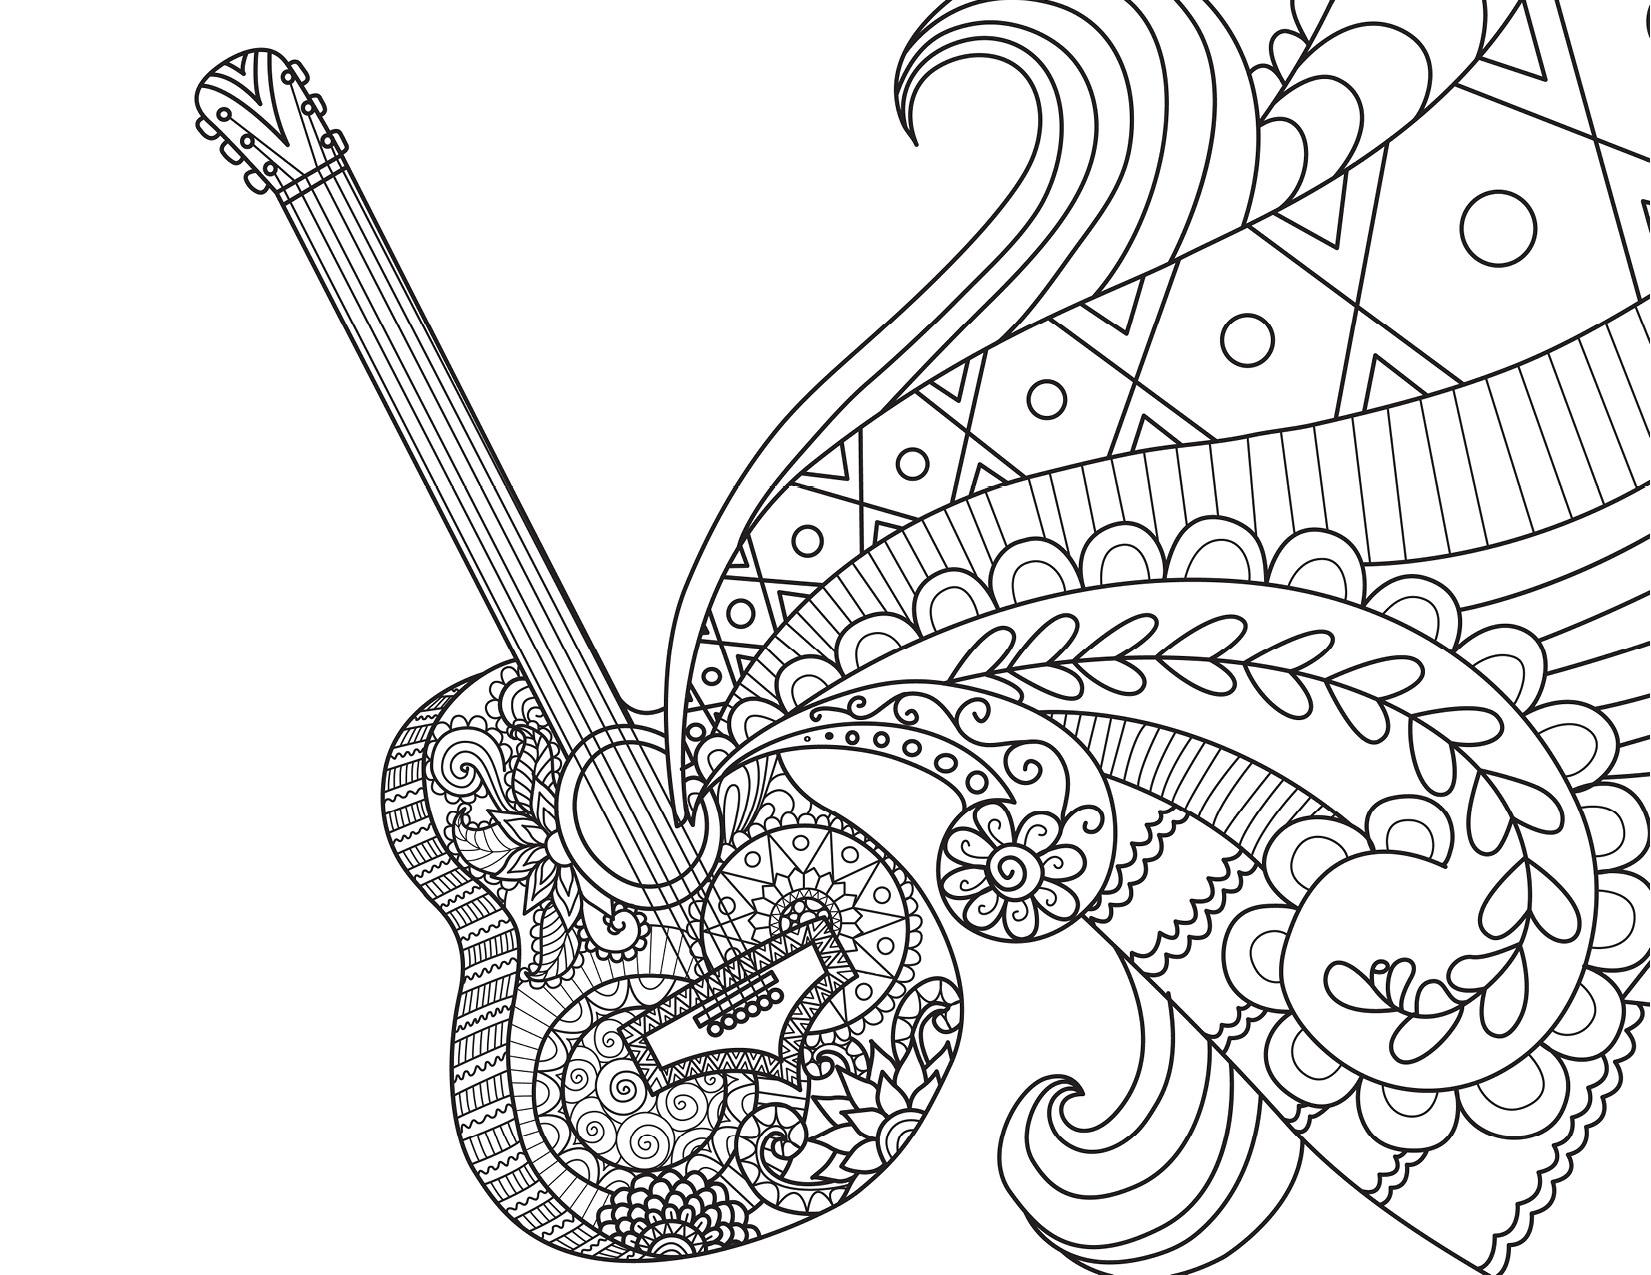 guitare disney coco movie musique colorier par bimbimkha. Black Bedroom Furniture Sets. Home Design Ideas